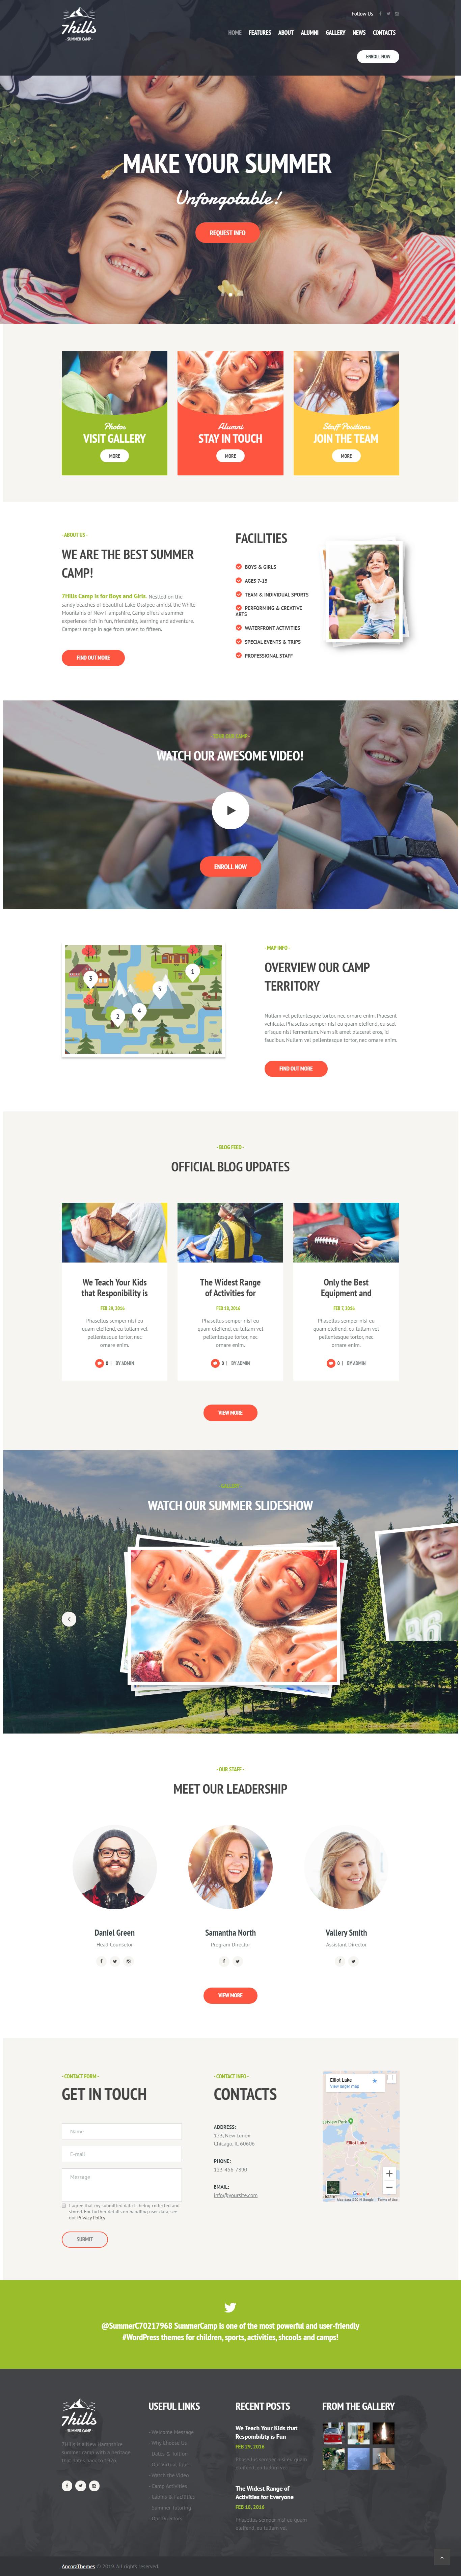 Sevenhills - Best Premium Outdoor Activities WordPress Theme